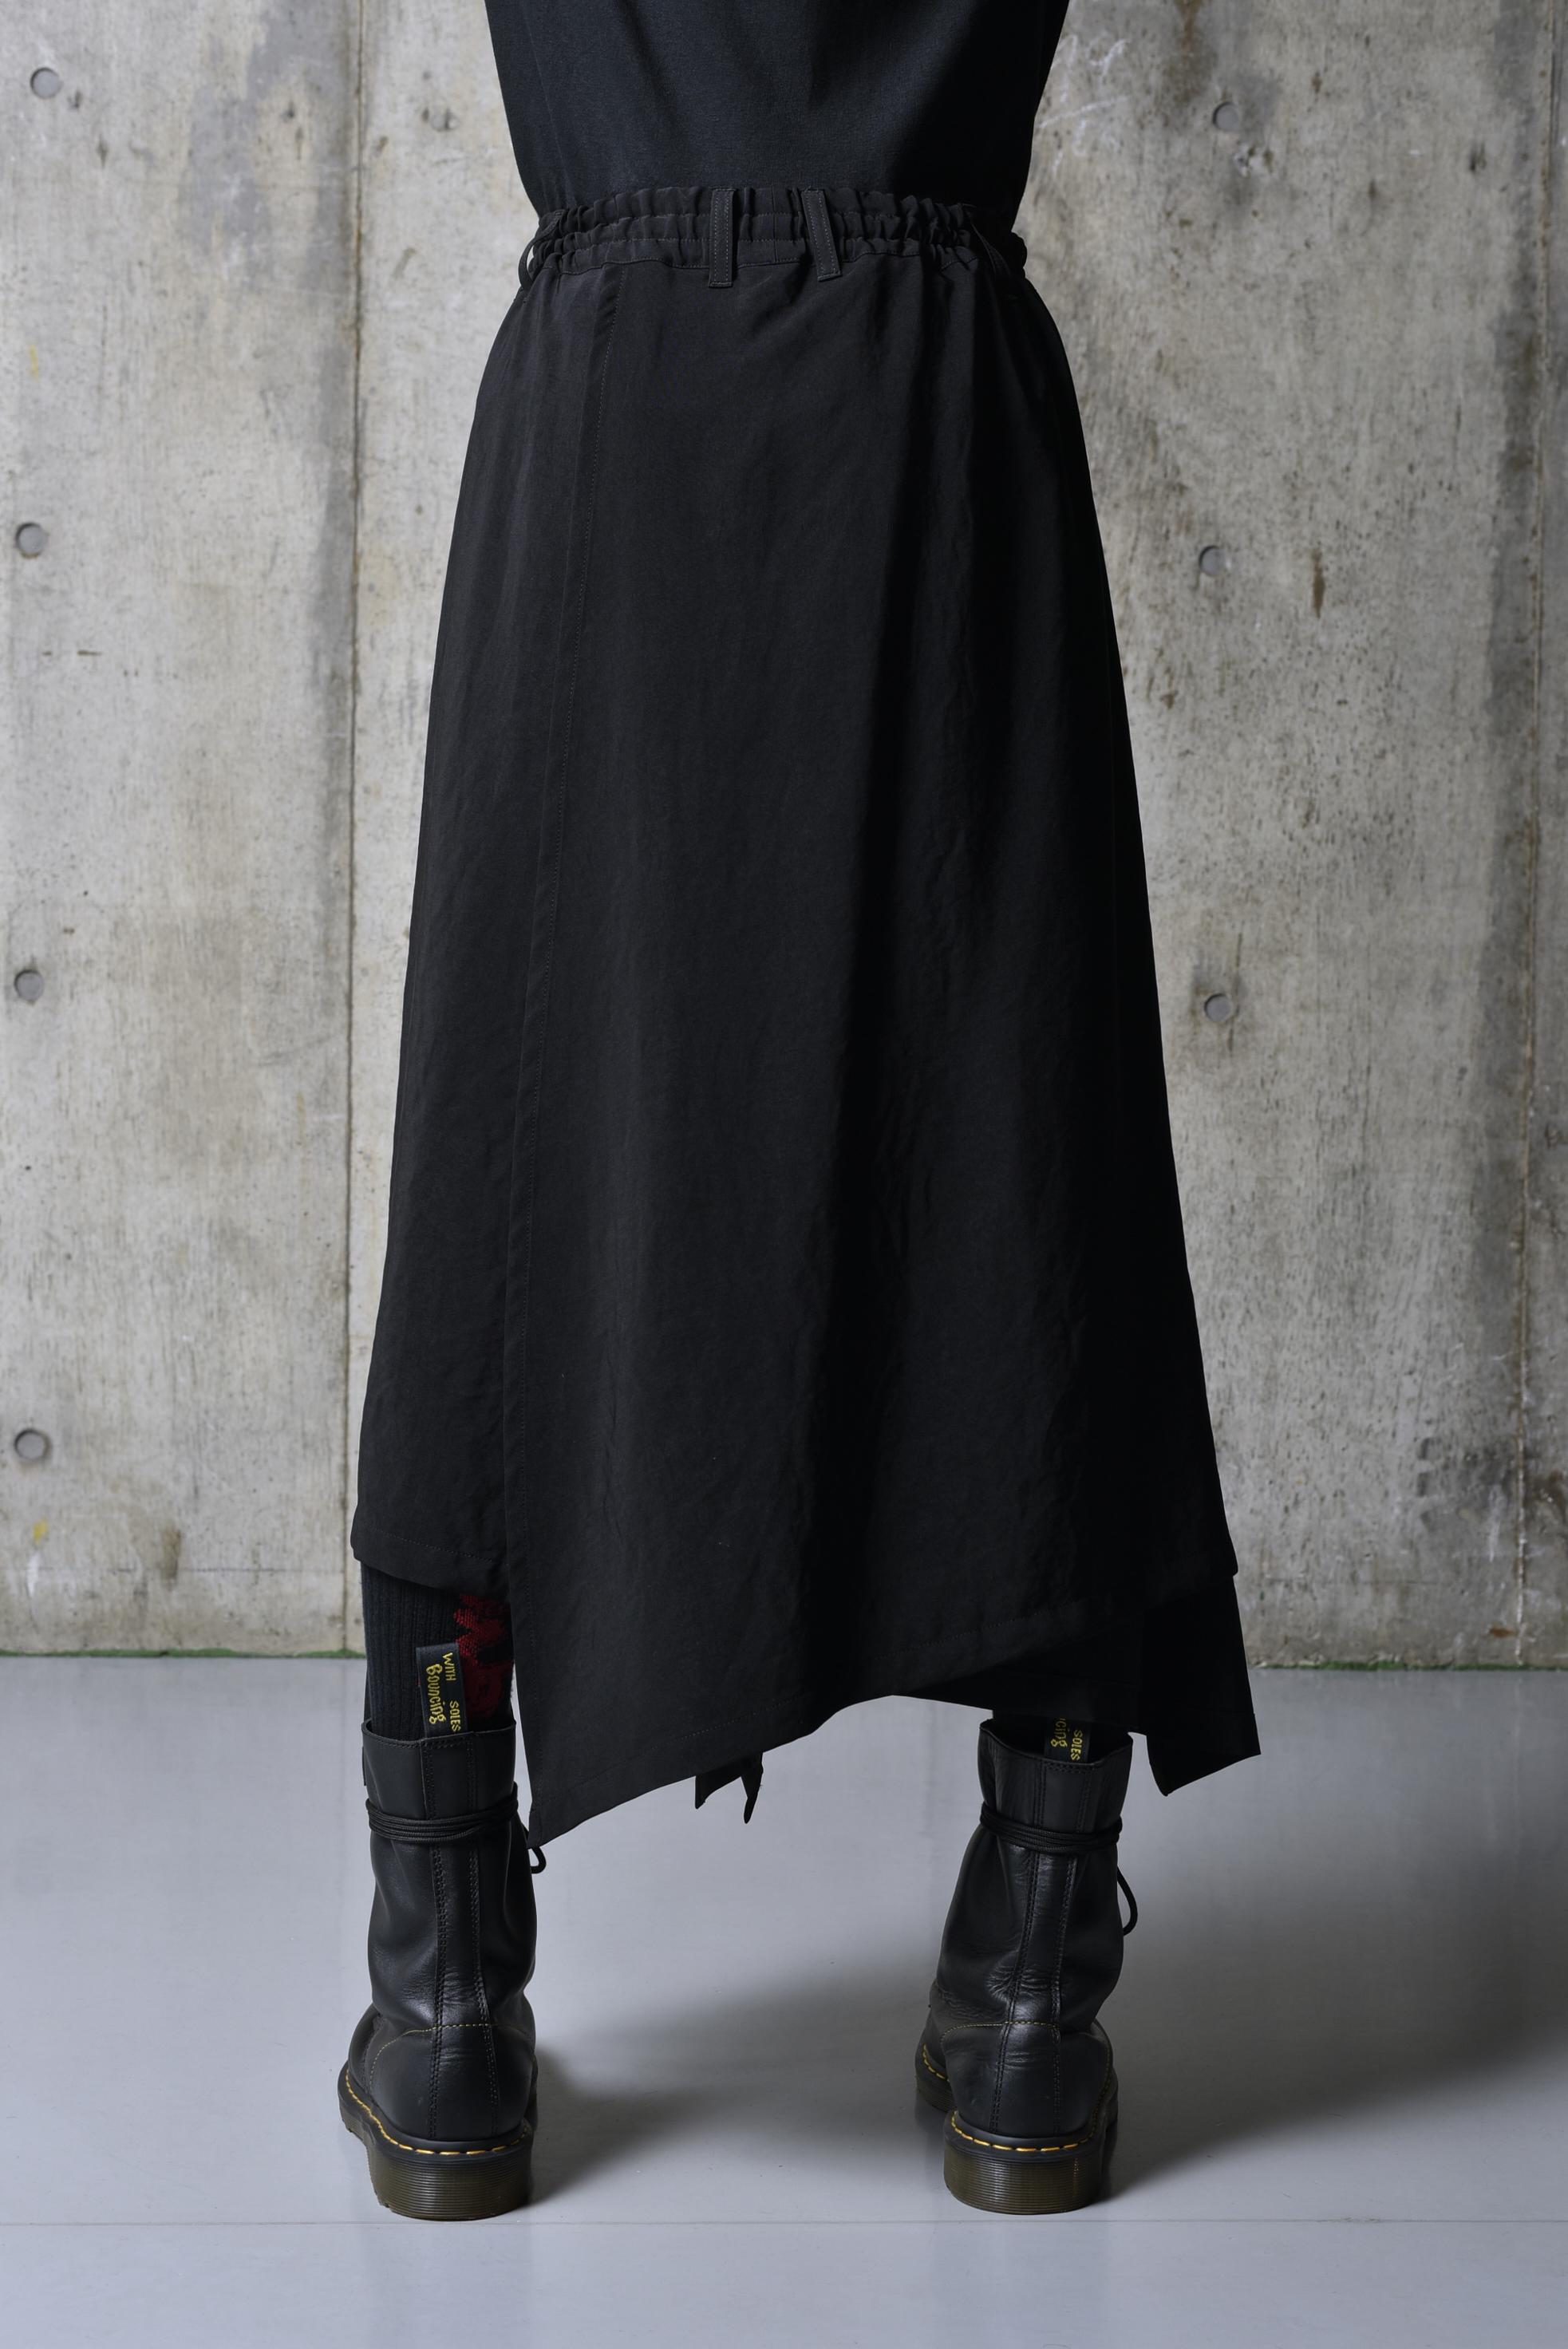 T/A Vintage Decyne Pants Skirt